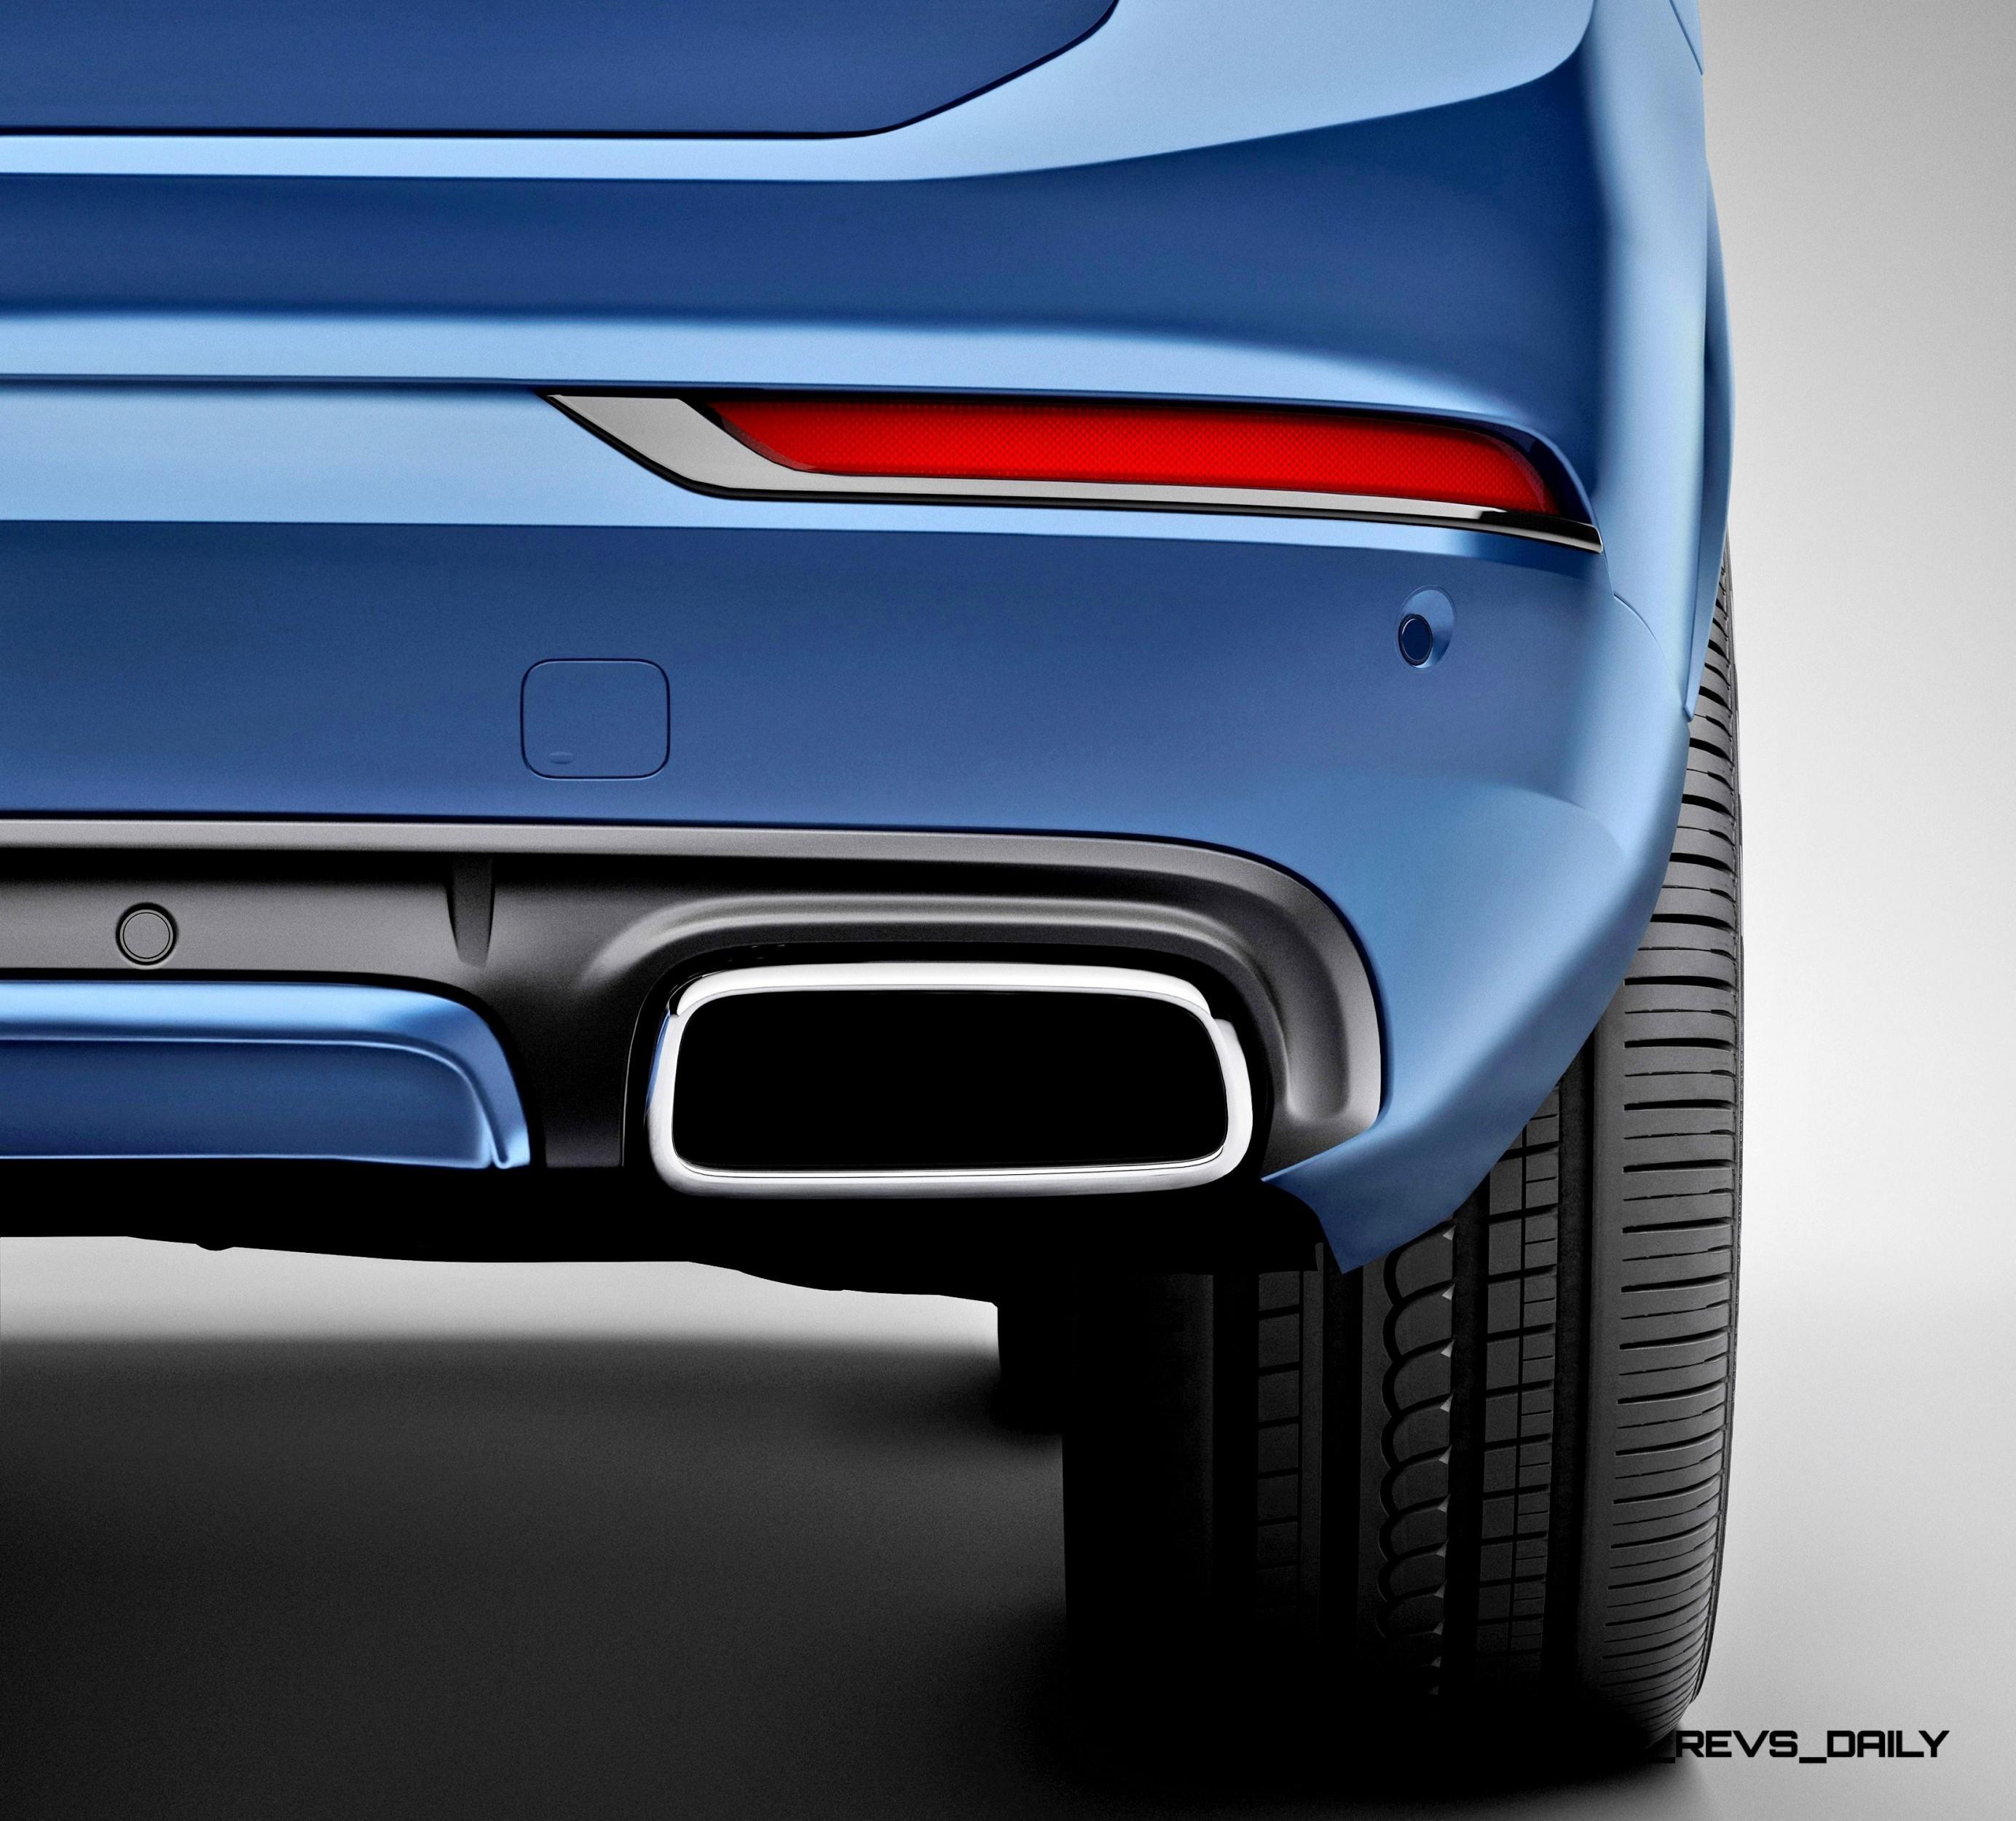 Volvo Xc90 R Design Black Interior: 2015 VOLVO XC90 R-Design